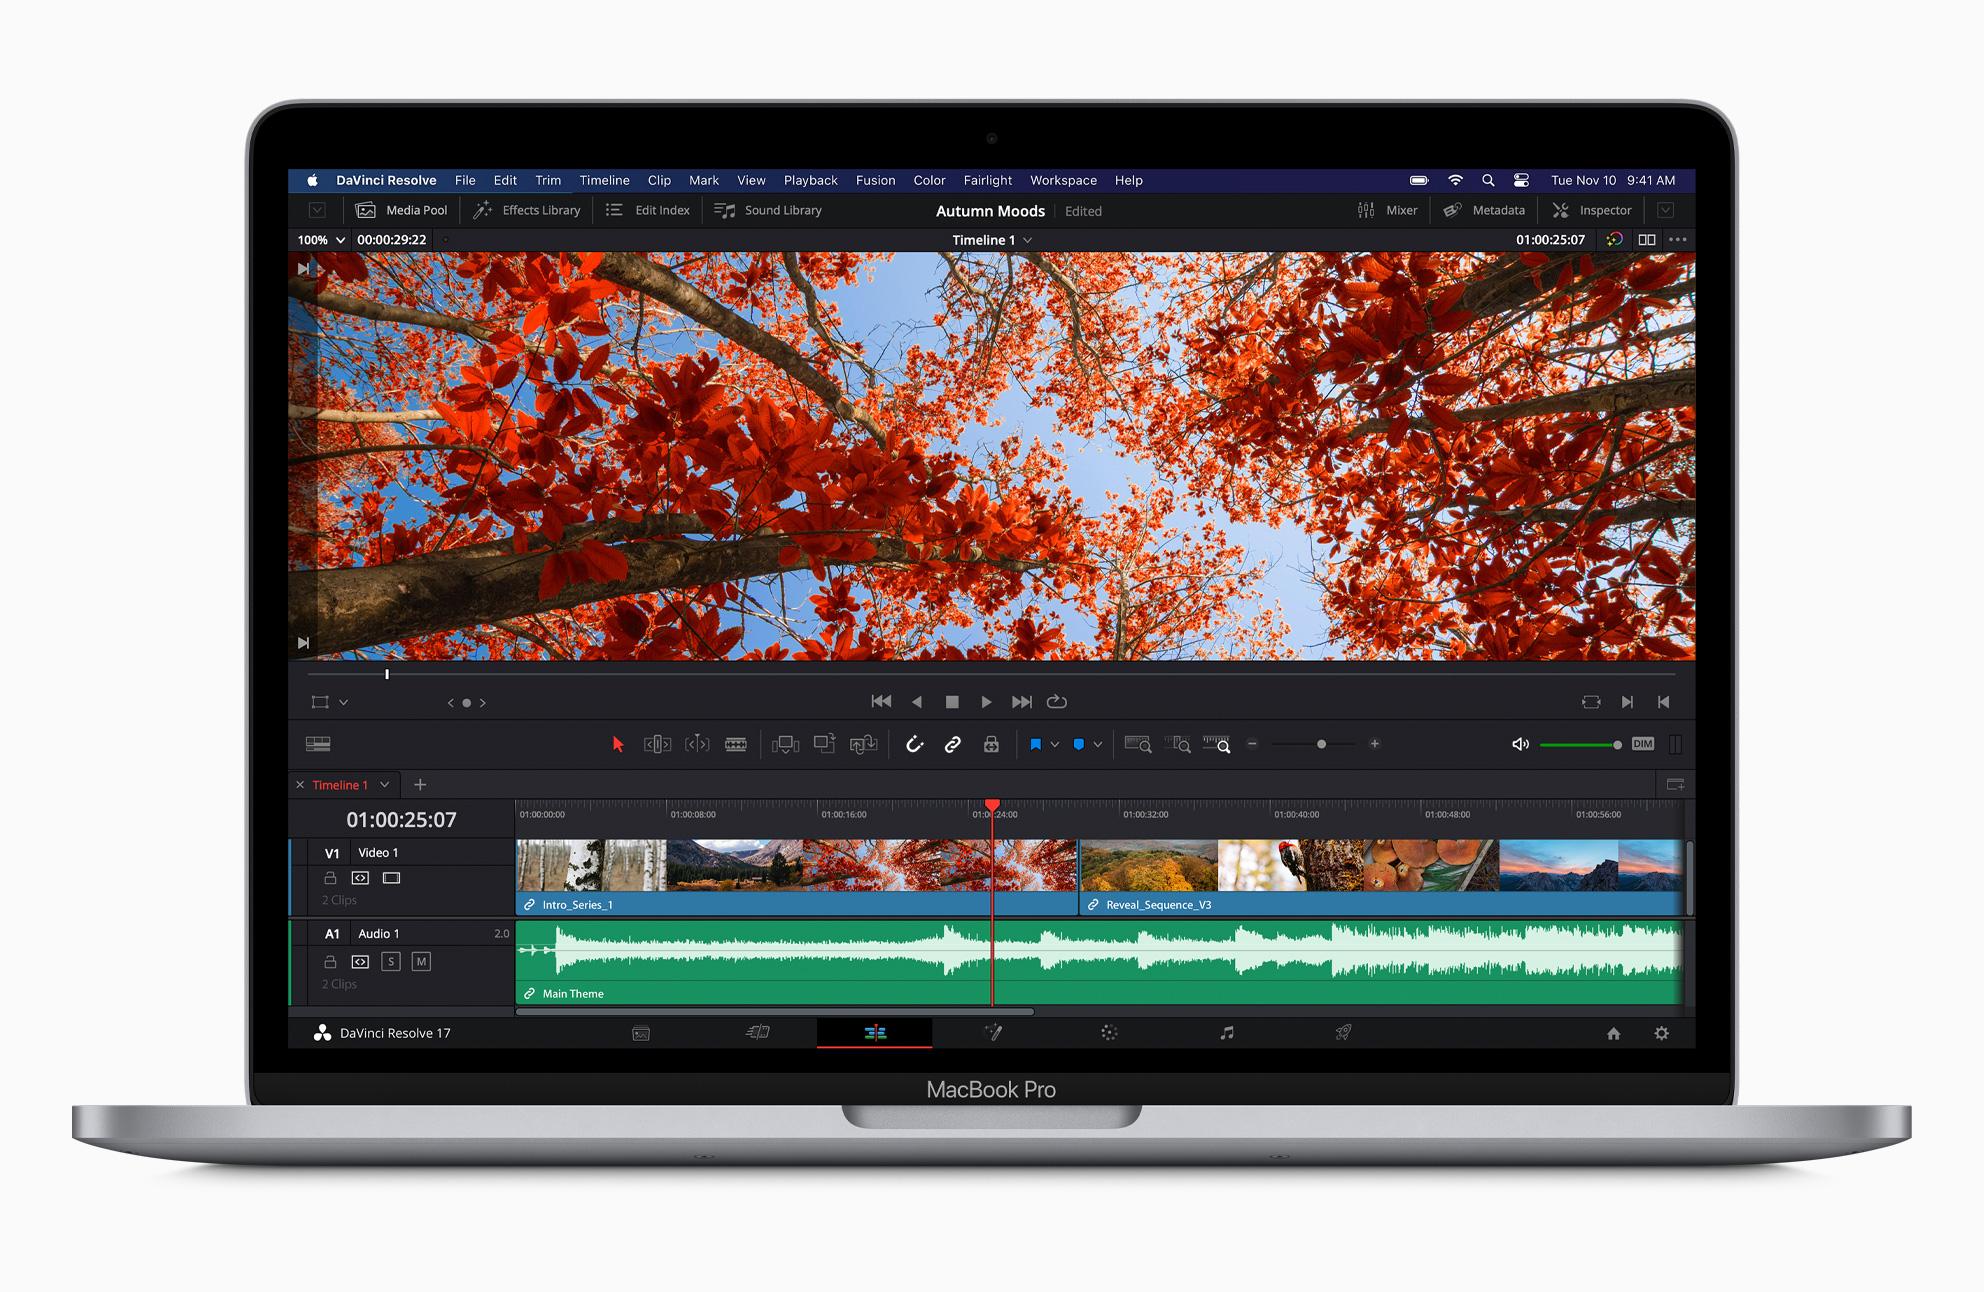 Apple trình làng chiếc MacBook Pro ARM 13 inch đầu tiên, sử dụng chip M1